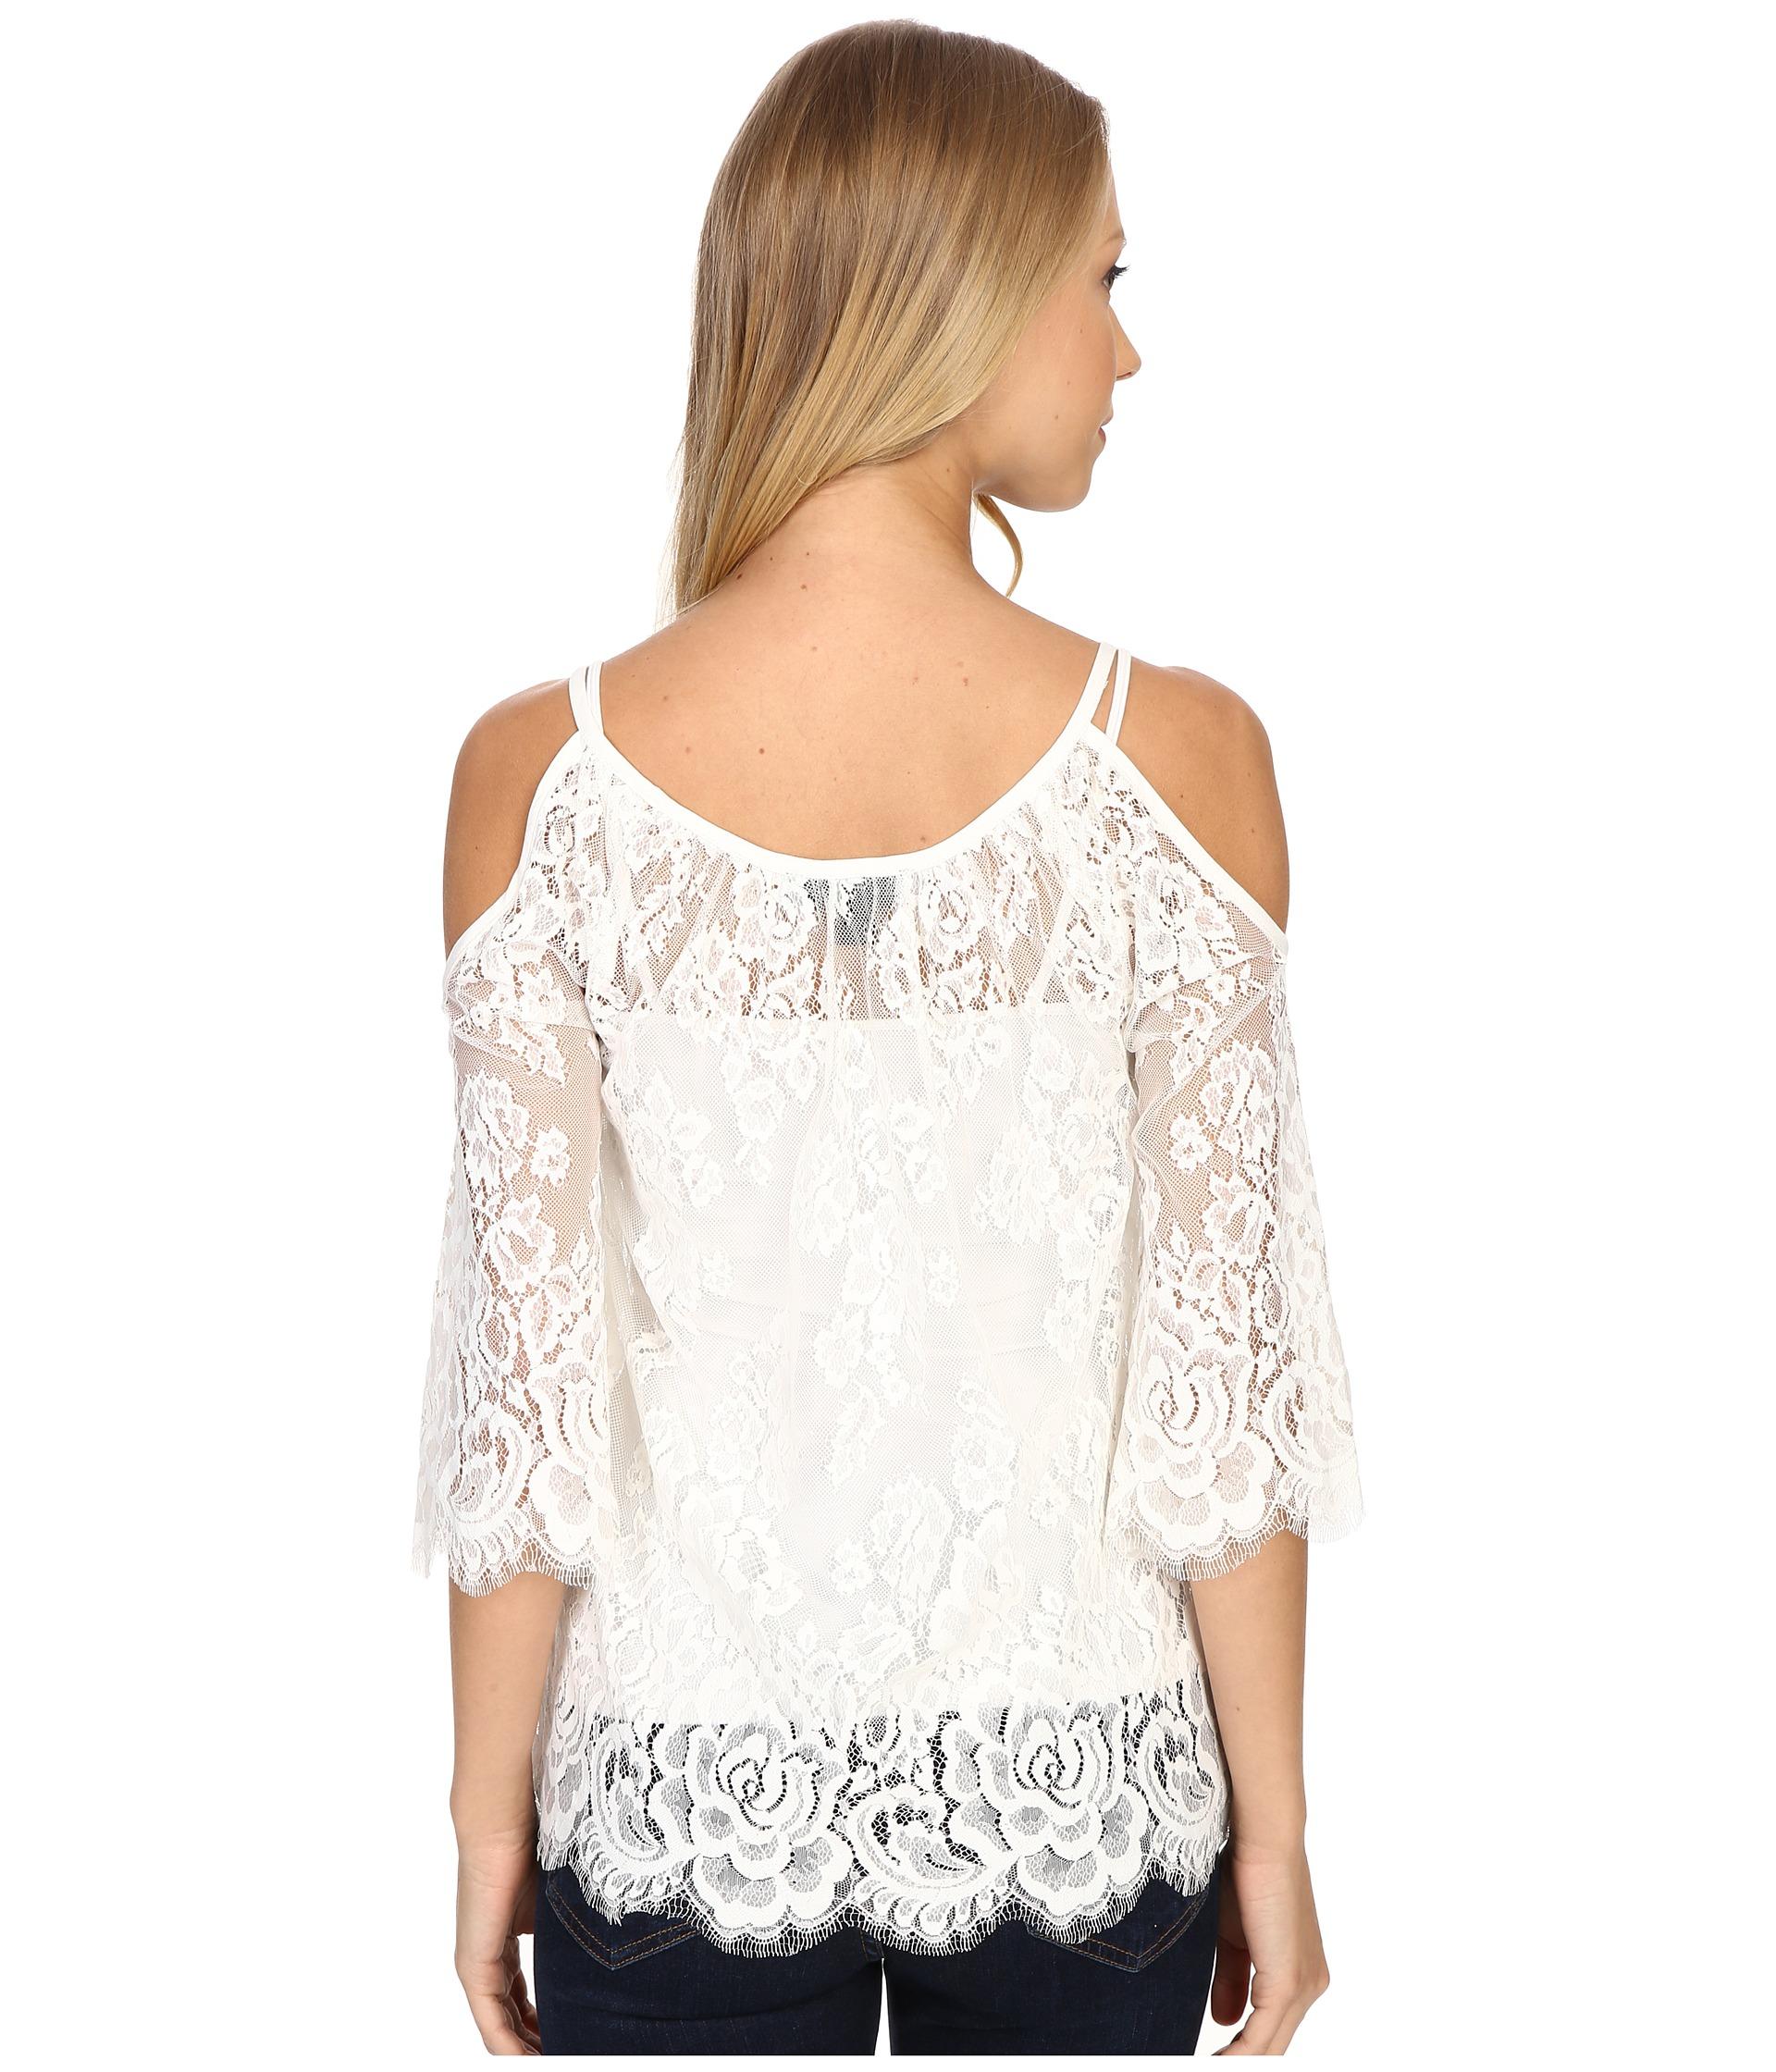 fdda7b6c6d965 Lyst - Karen Kane Cold Shoulder Lace Top in White